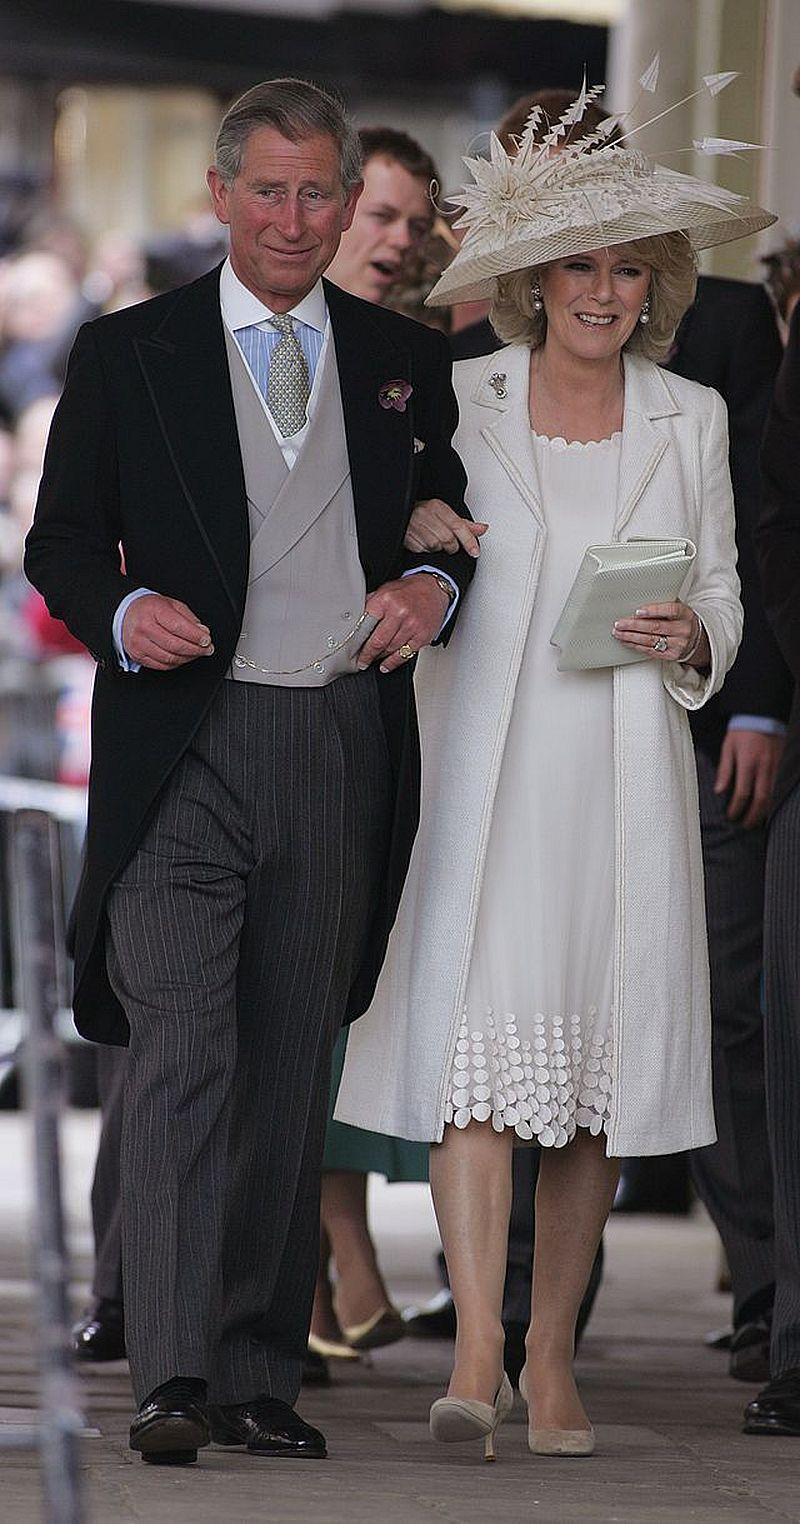 Książę Karol zrobił coś PIĘKNEGO dla Meghan - to pokazuje, jak są blisko